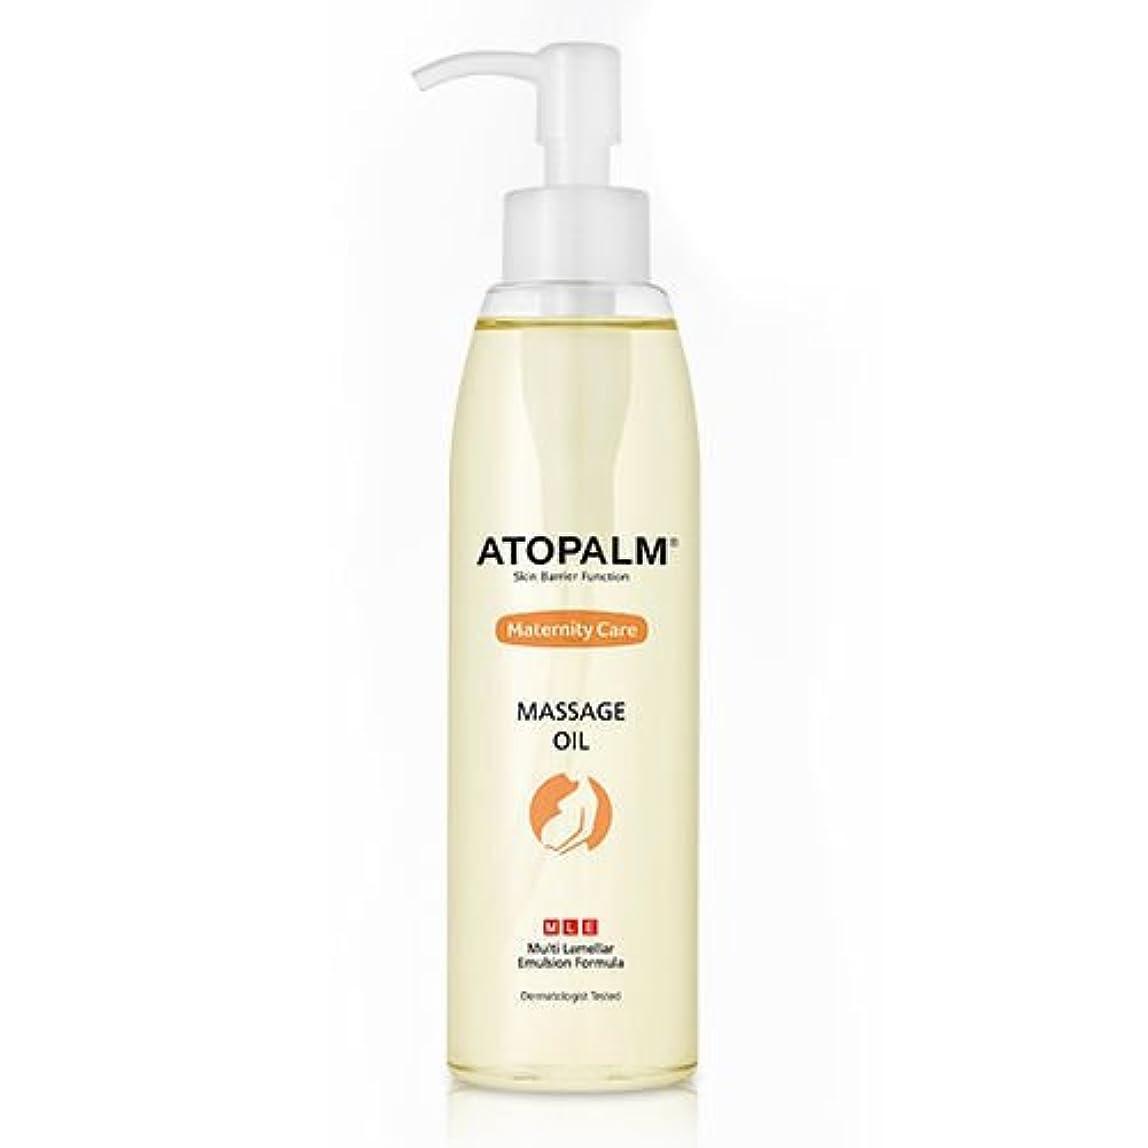 ドラマ高い一般的にATOPALM Maternity Care Massage Oil 120ml/アトパーム マタニティ ケア マッサージ オイル 120ml [並行輸入品]